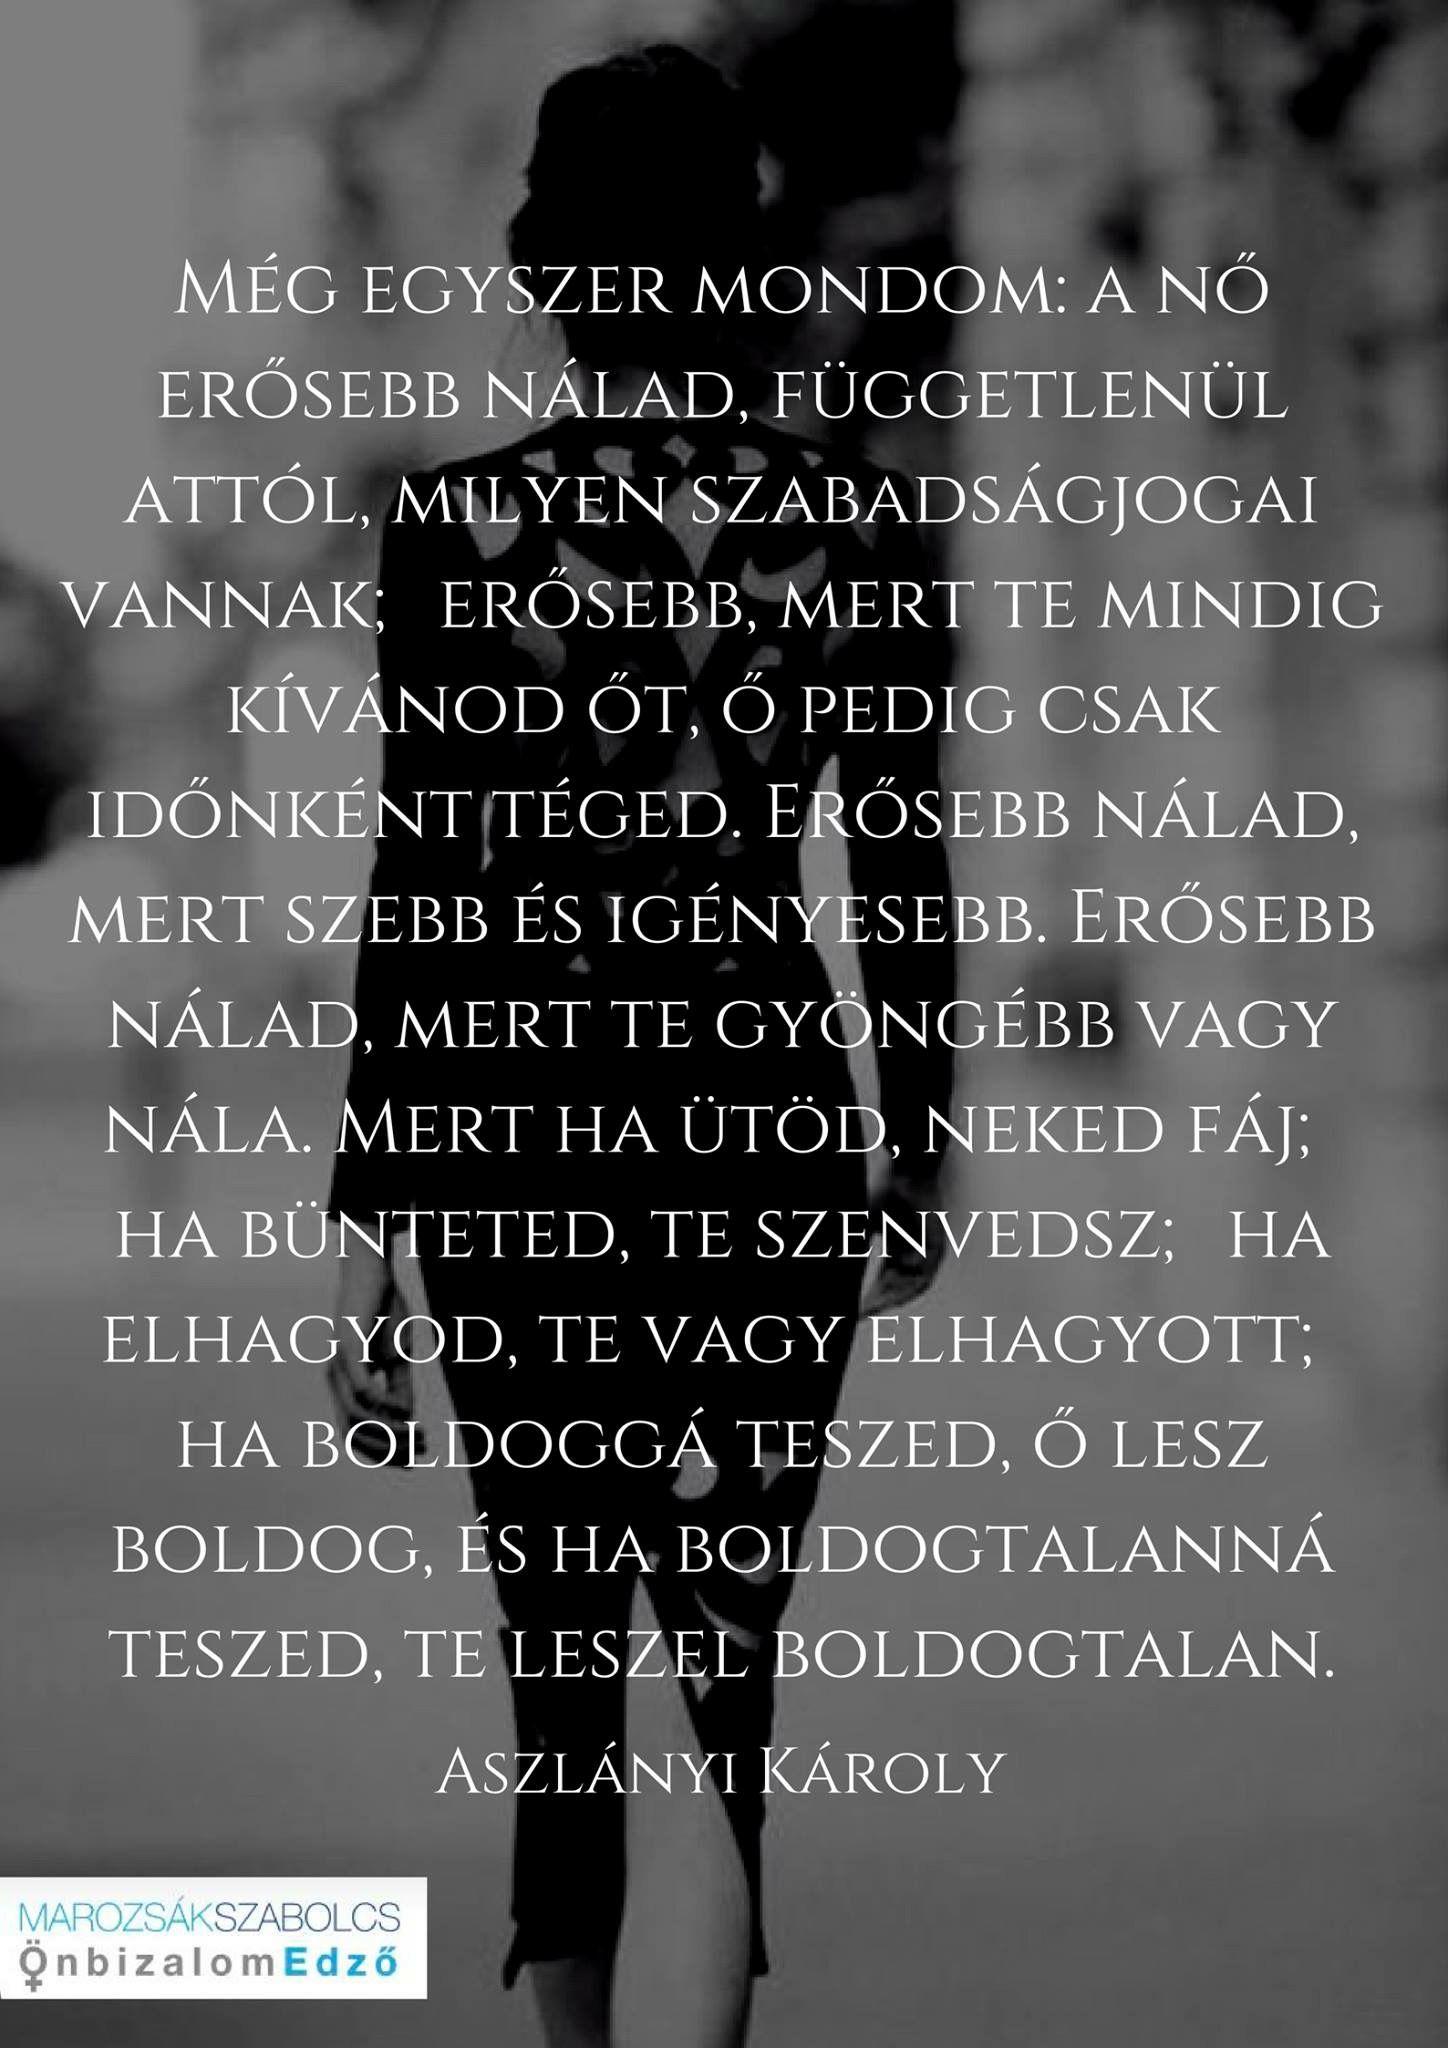 a nők idézetek Aszlányi Károly~A NŐ | Inspirational quotes, Quotes, Motivational